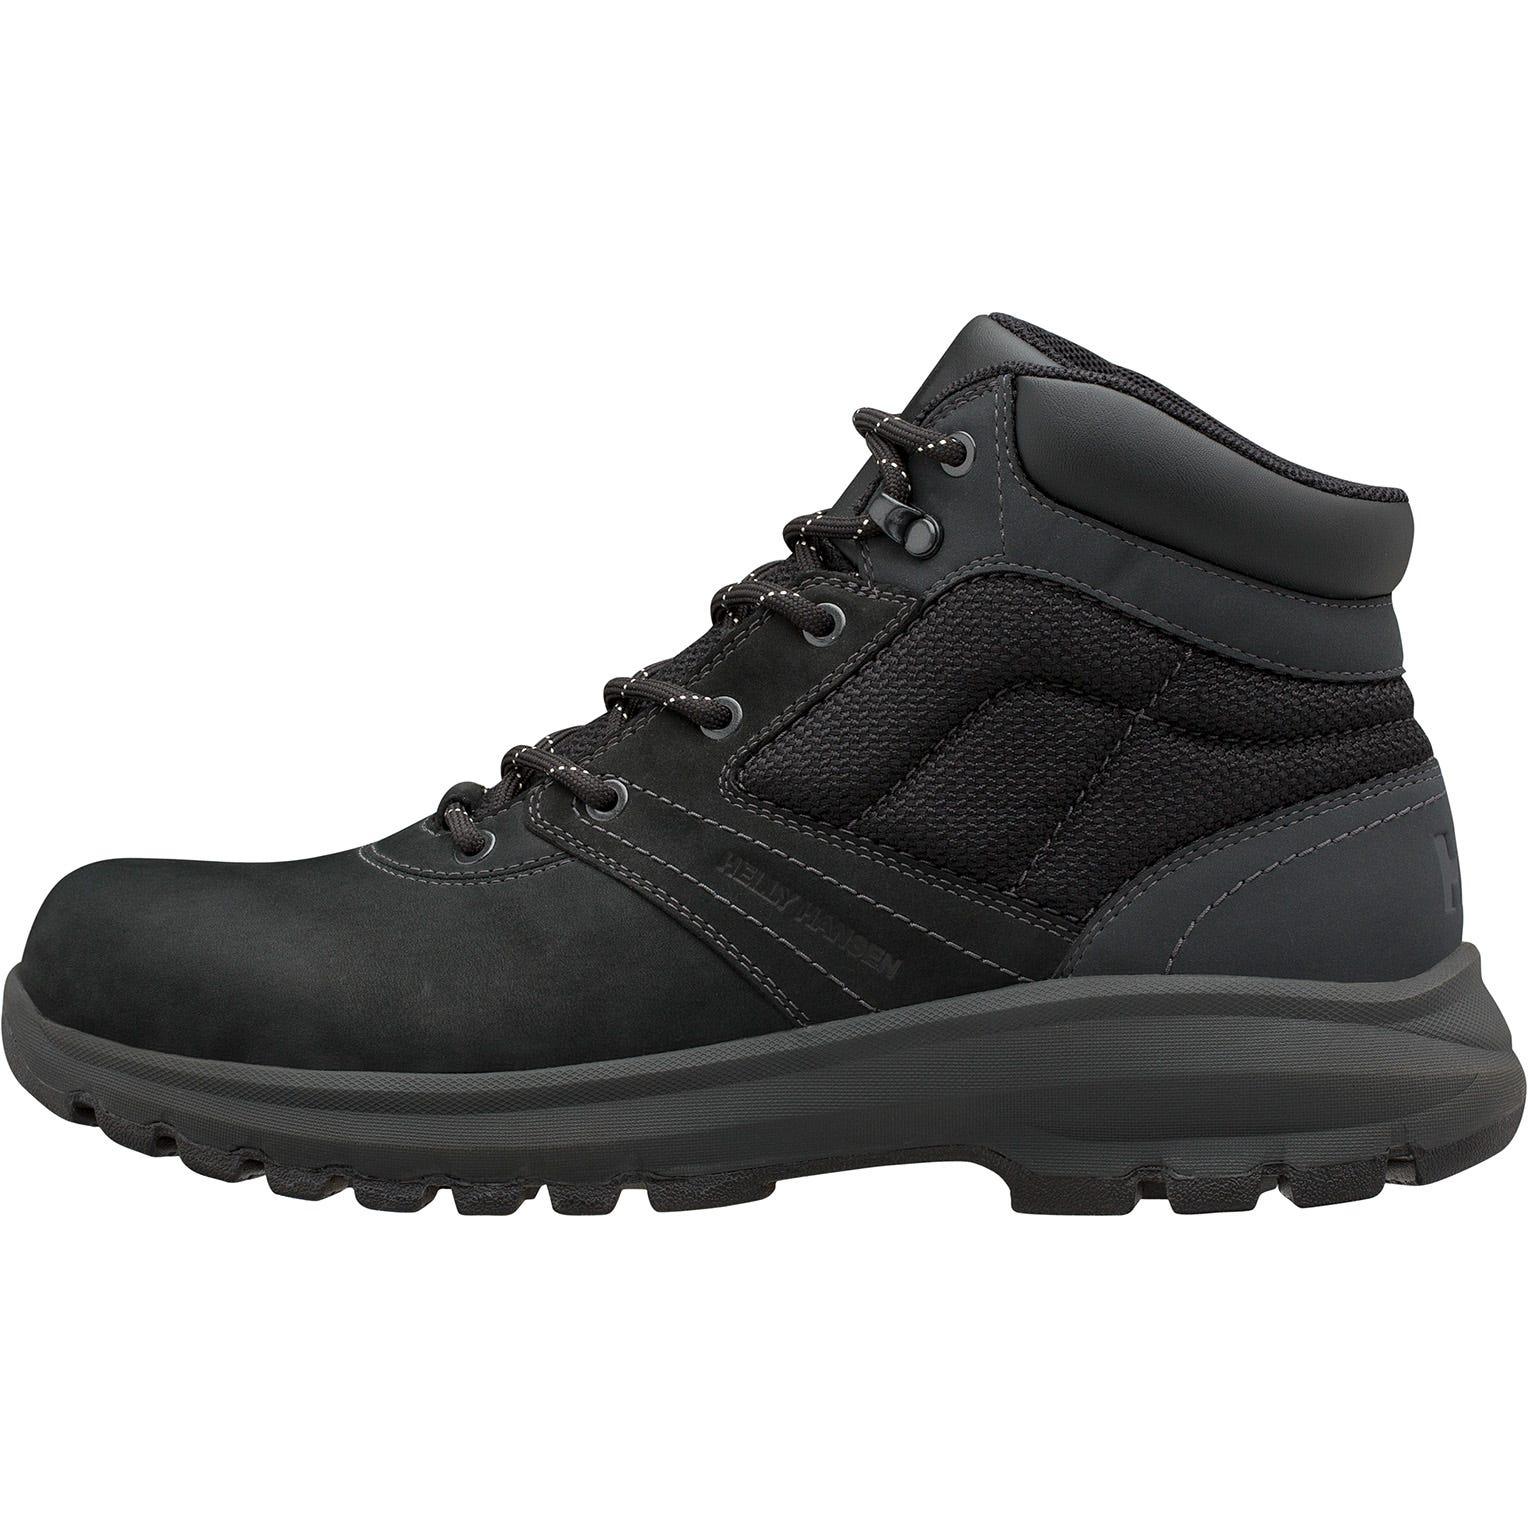 Helly Hansen Montreal V2 Mens Winter Boot Black 44.5/10.5